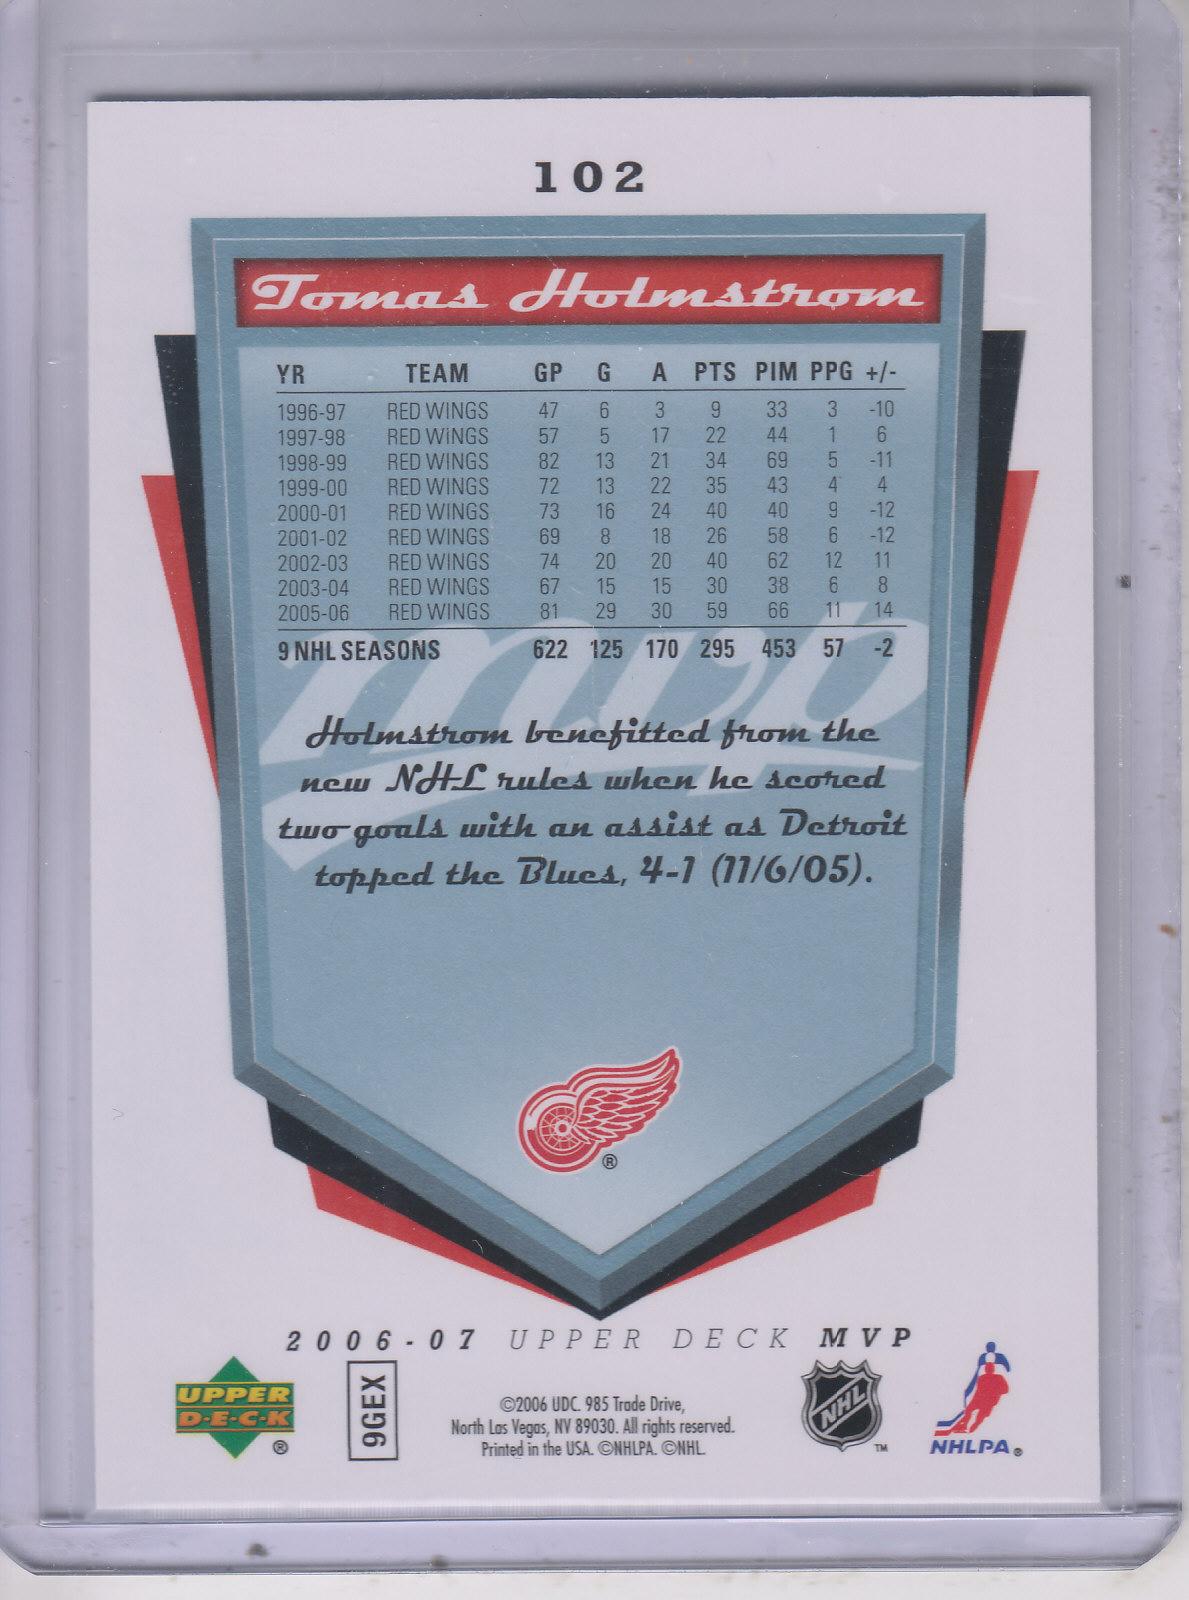 2006-07 Upper Deck MVP Super Script #102 Tomas Holmstrom back image